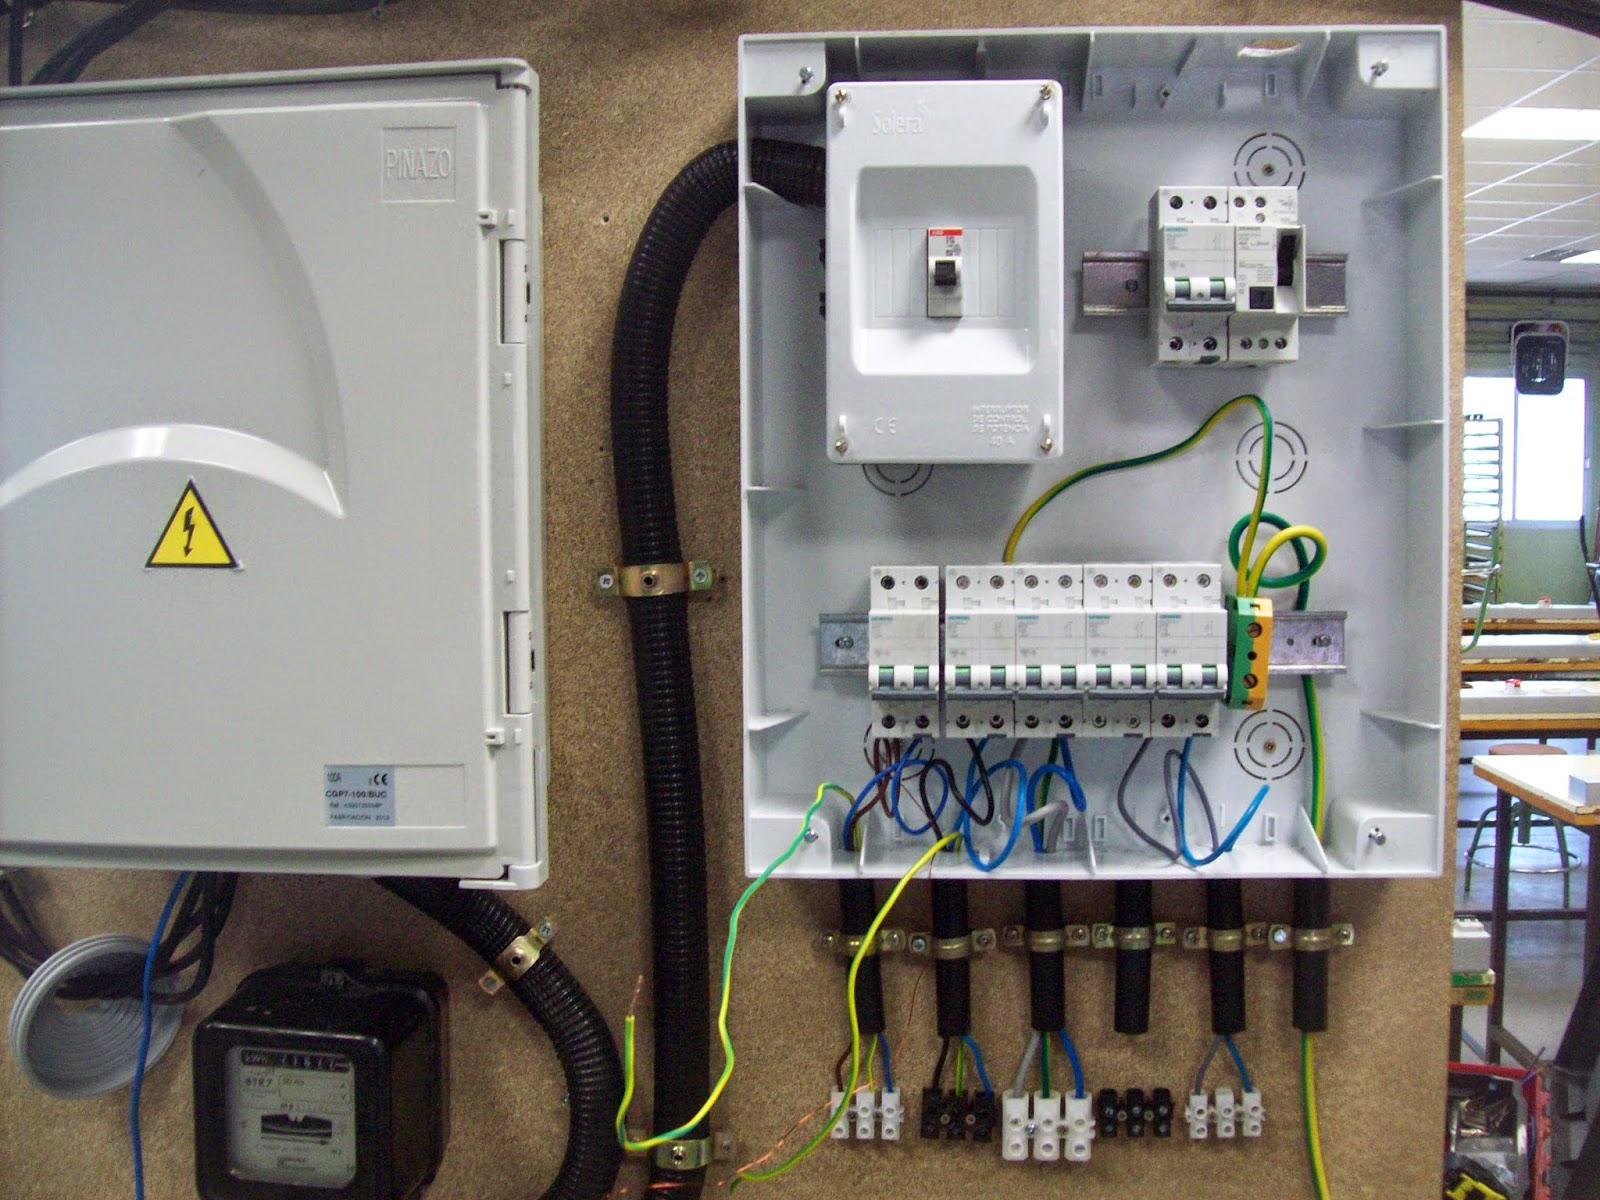 Formaci n profesional b sica electricidad electr nica - Instalacion de electricidad ...